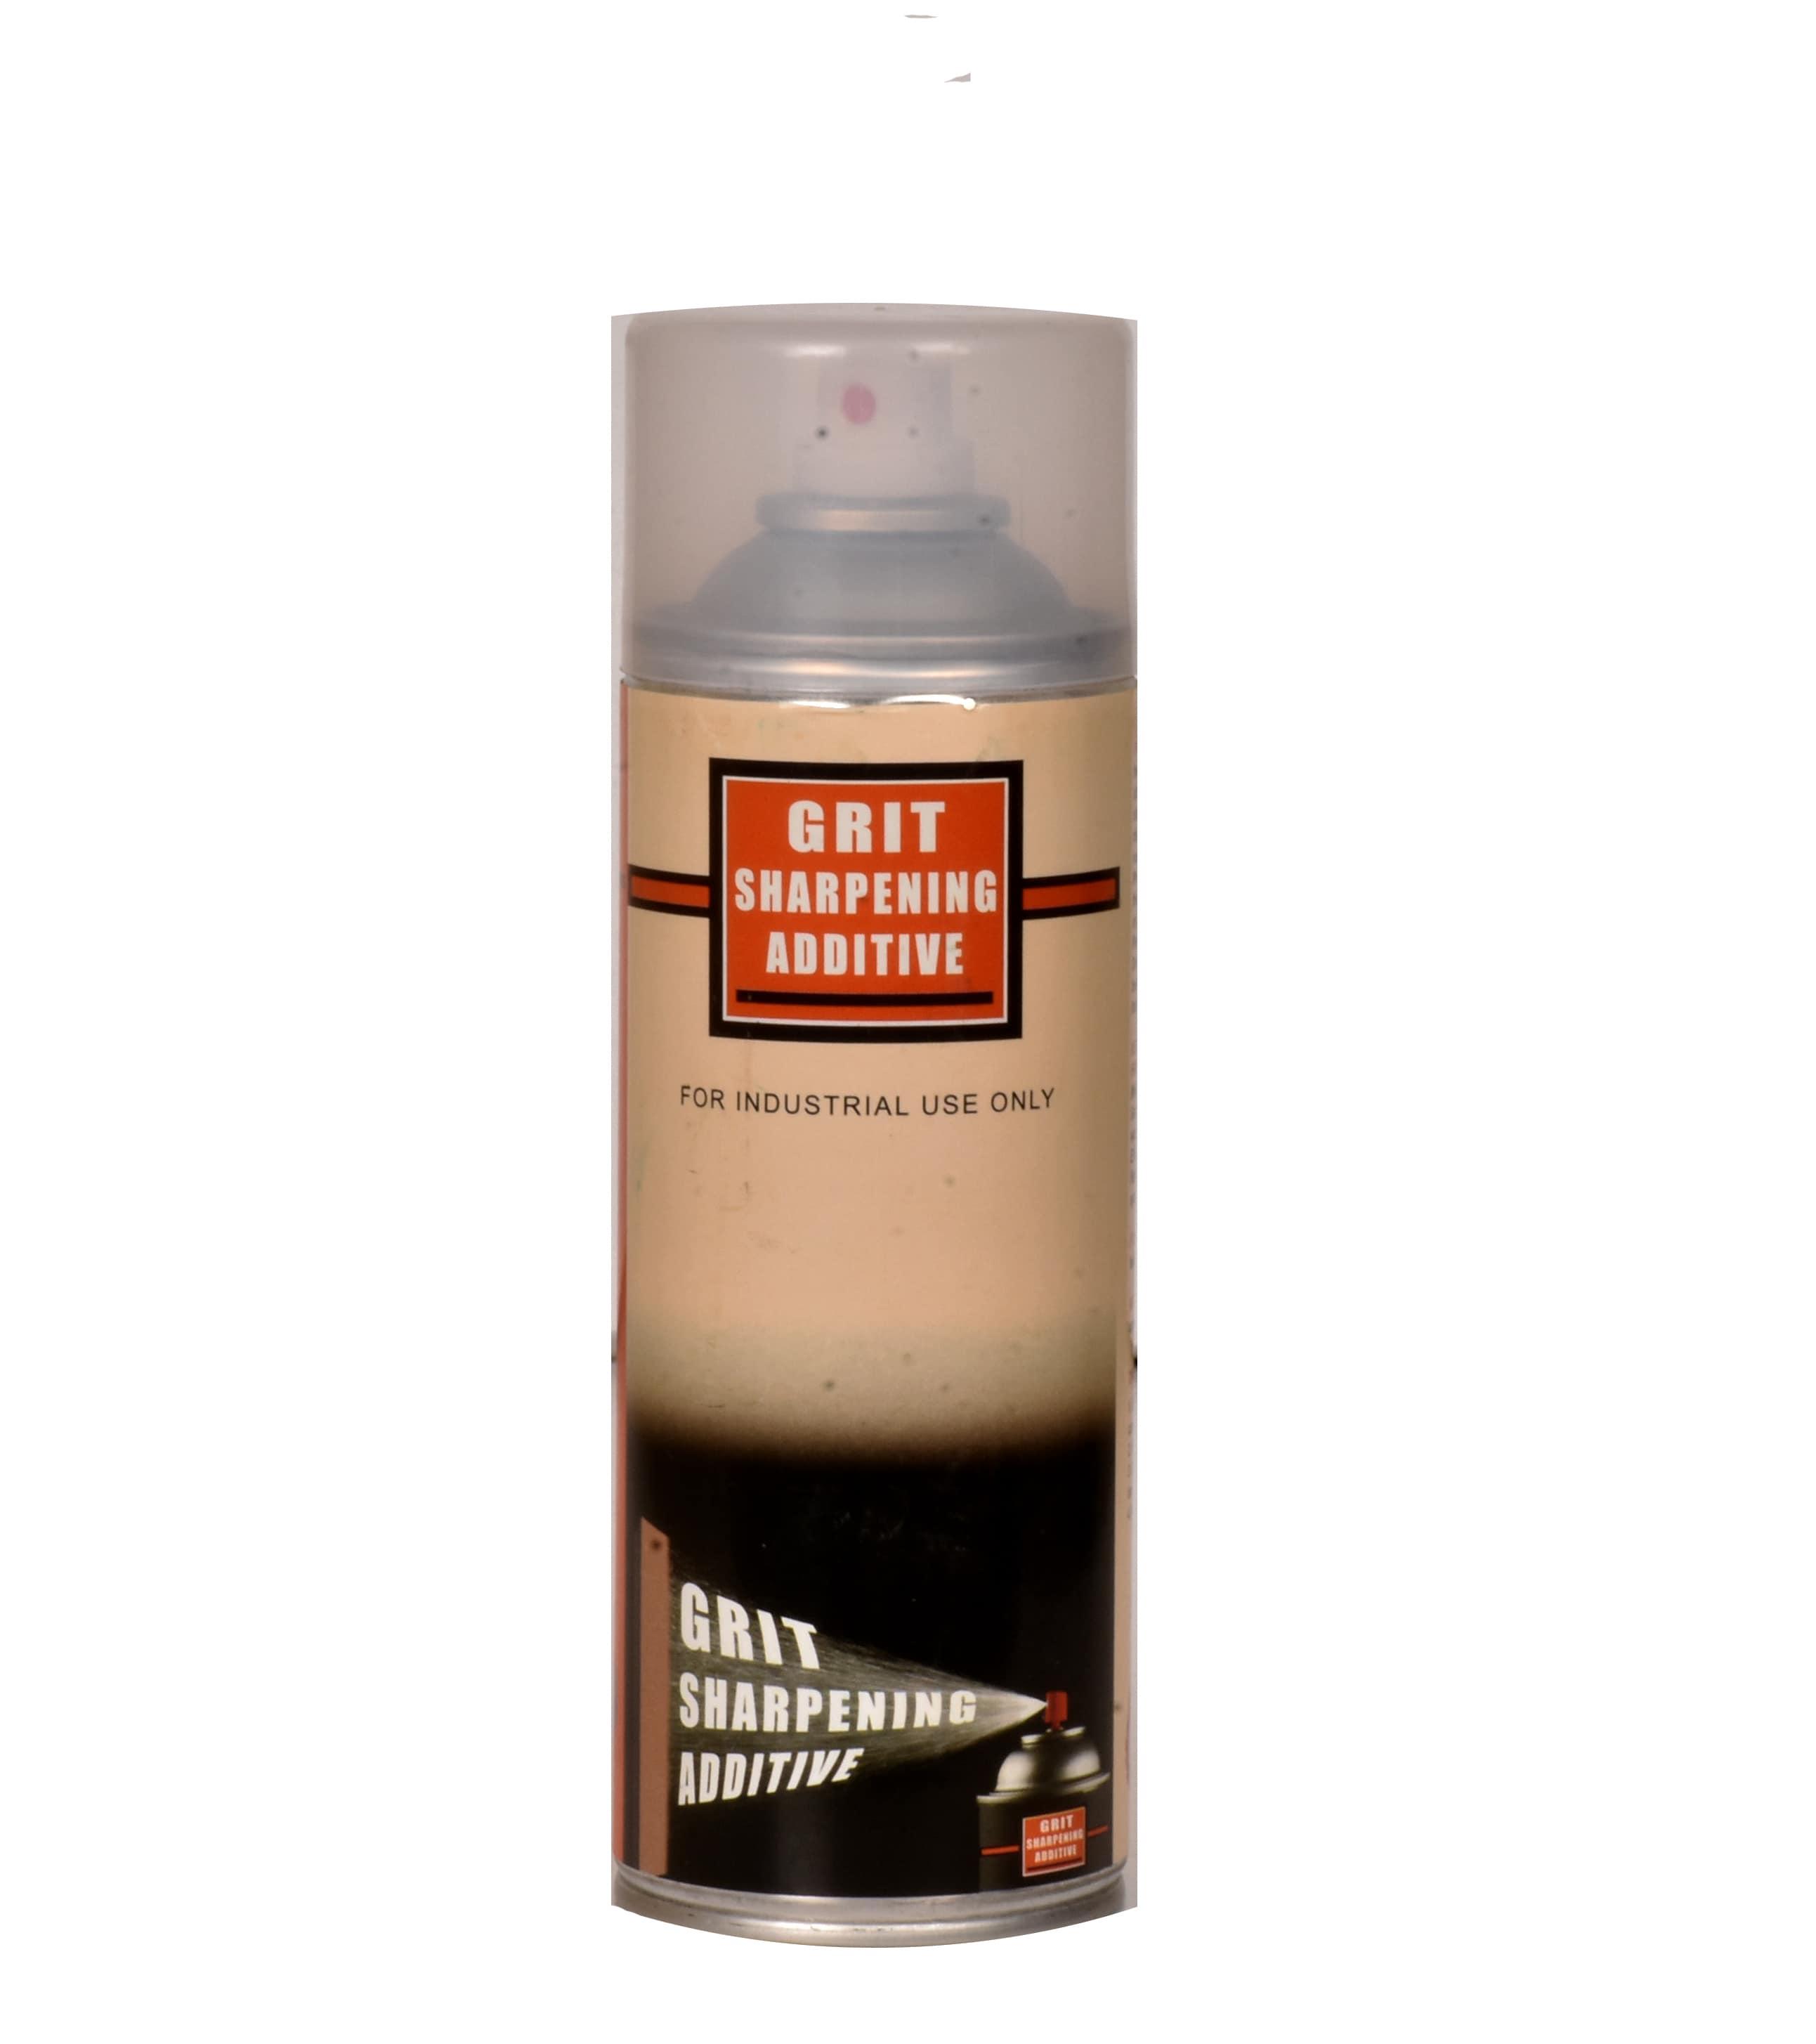 GRIT Sharpening Additive